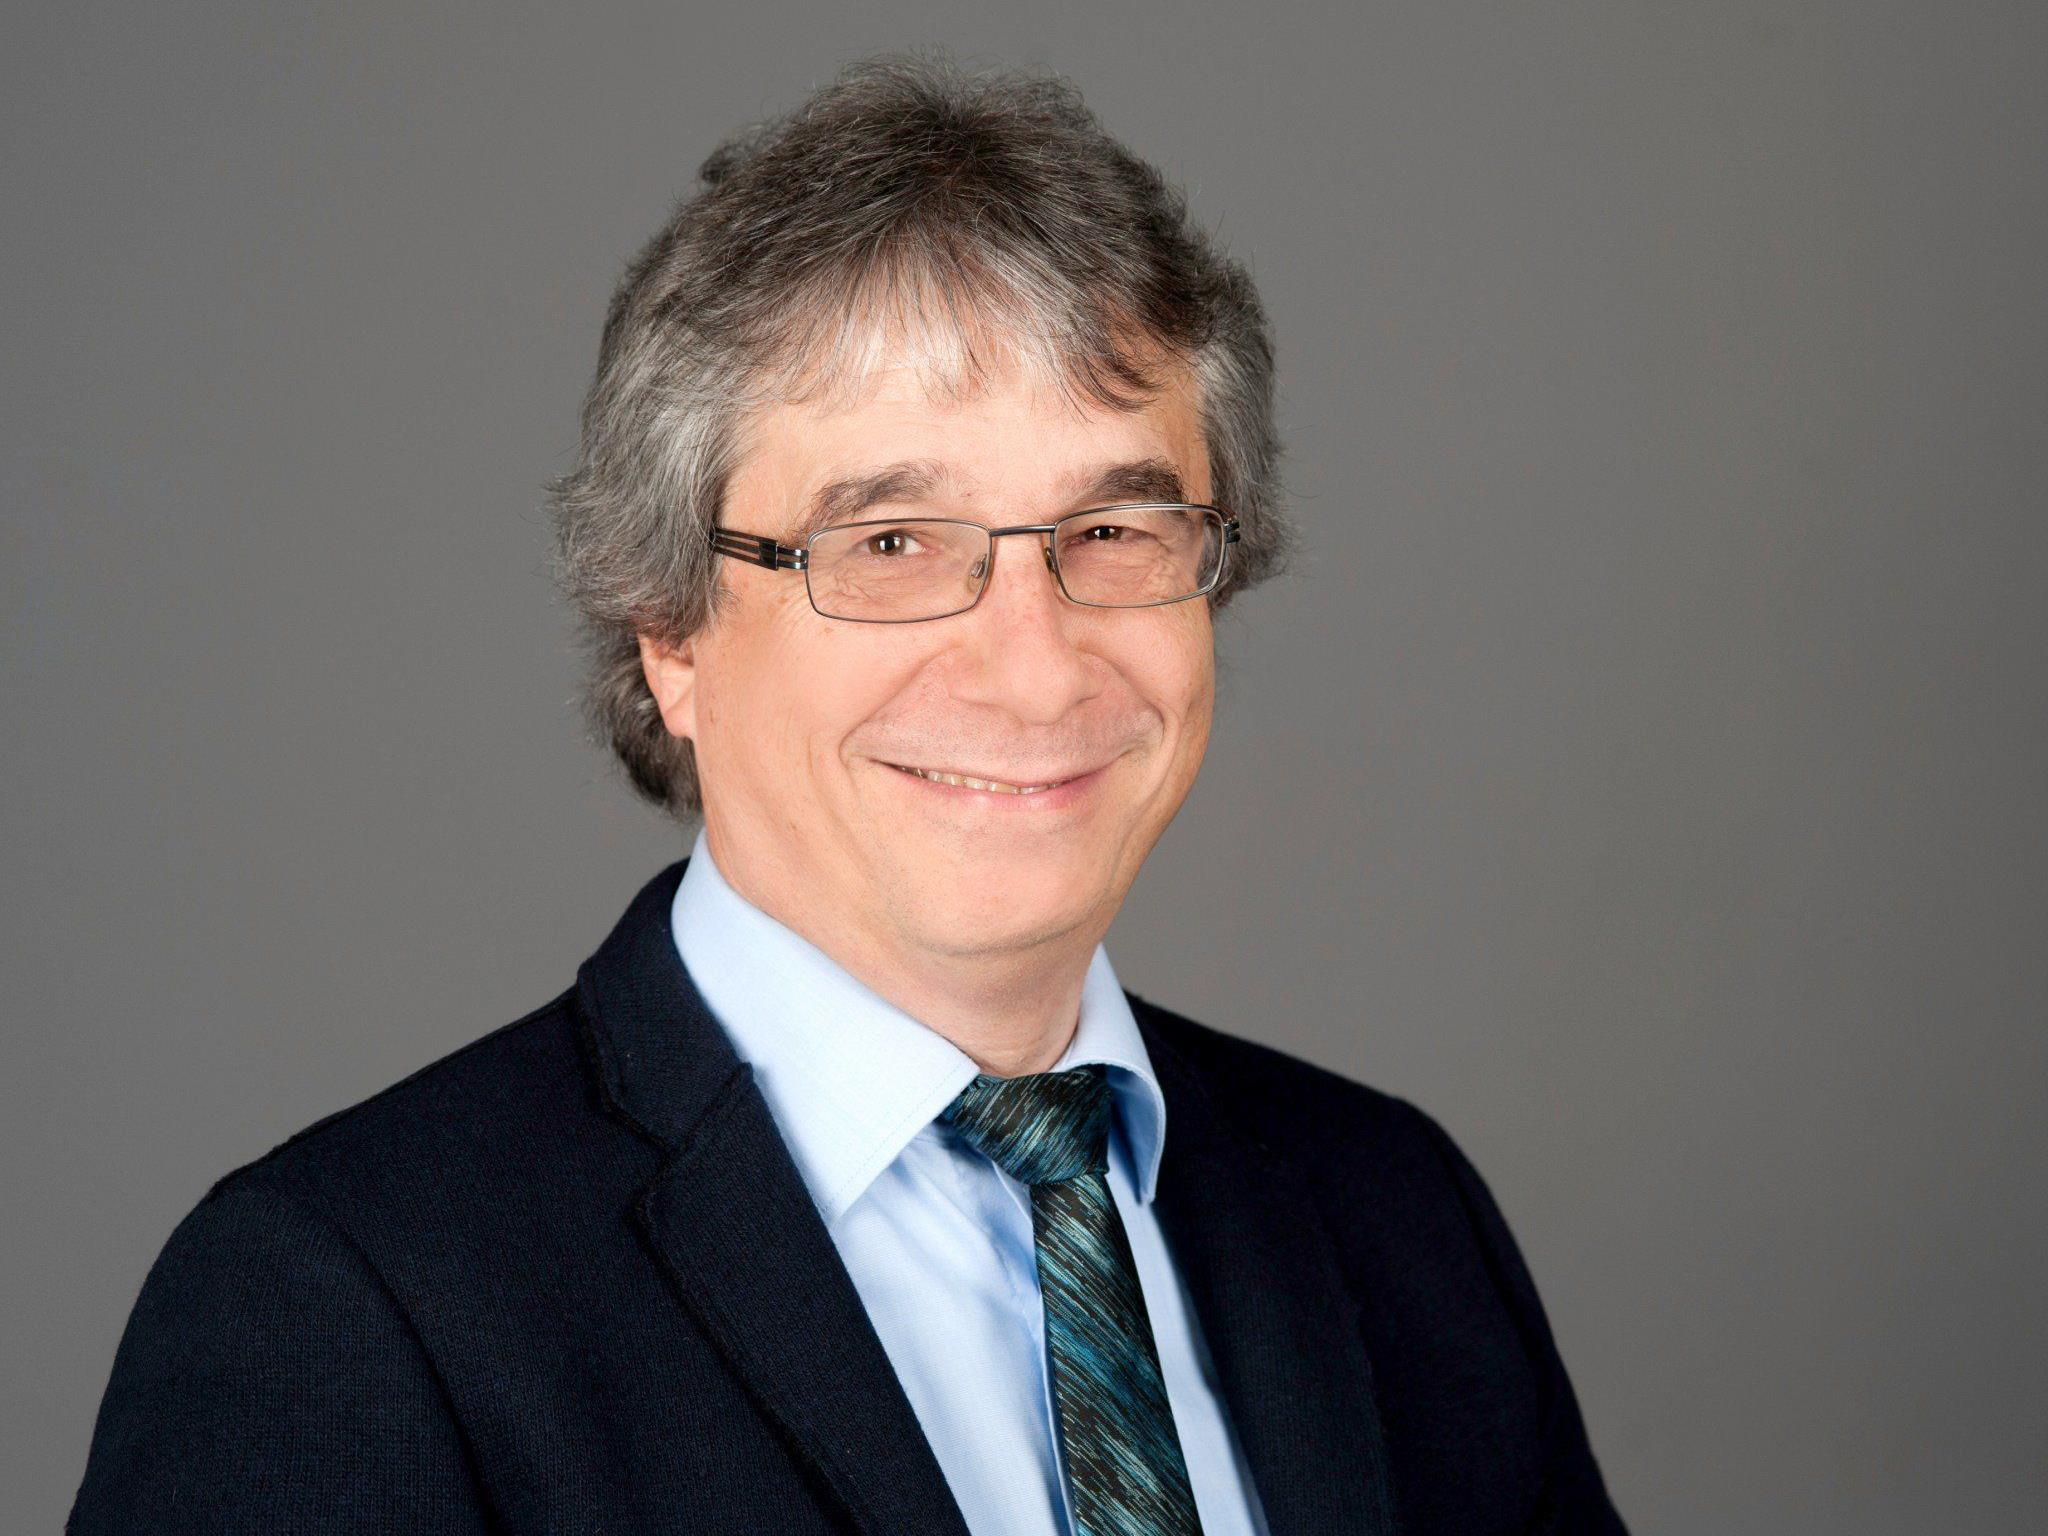 Dr. Klaus Hoffmann aus Gelsenkirchen/D ist ein erfahrener Europäer, evang. Christ und spricht in Bregenz.